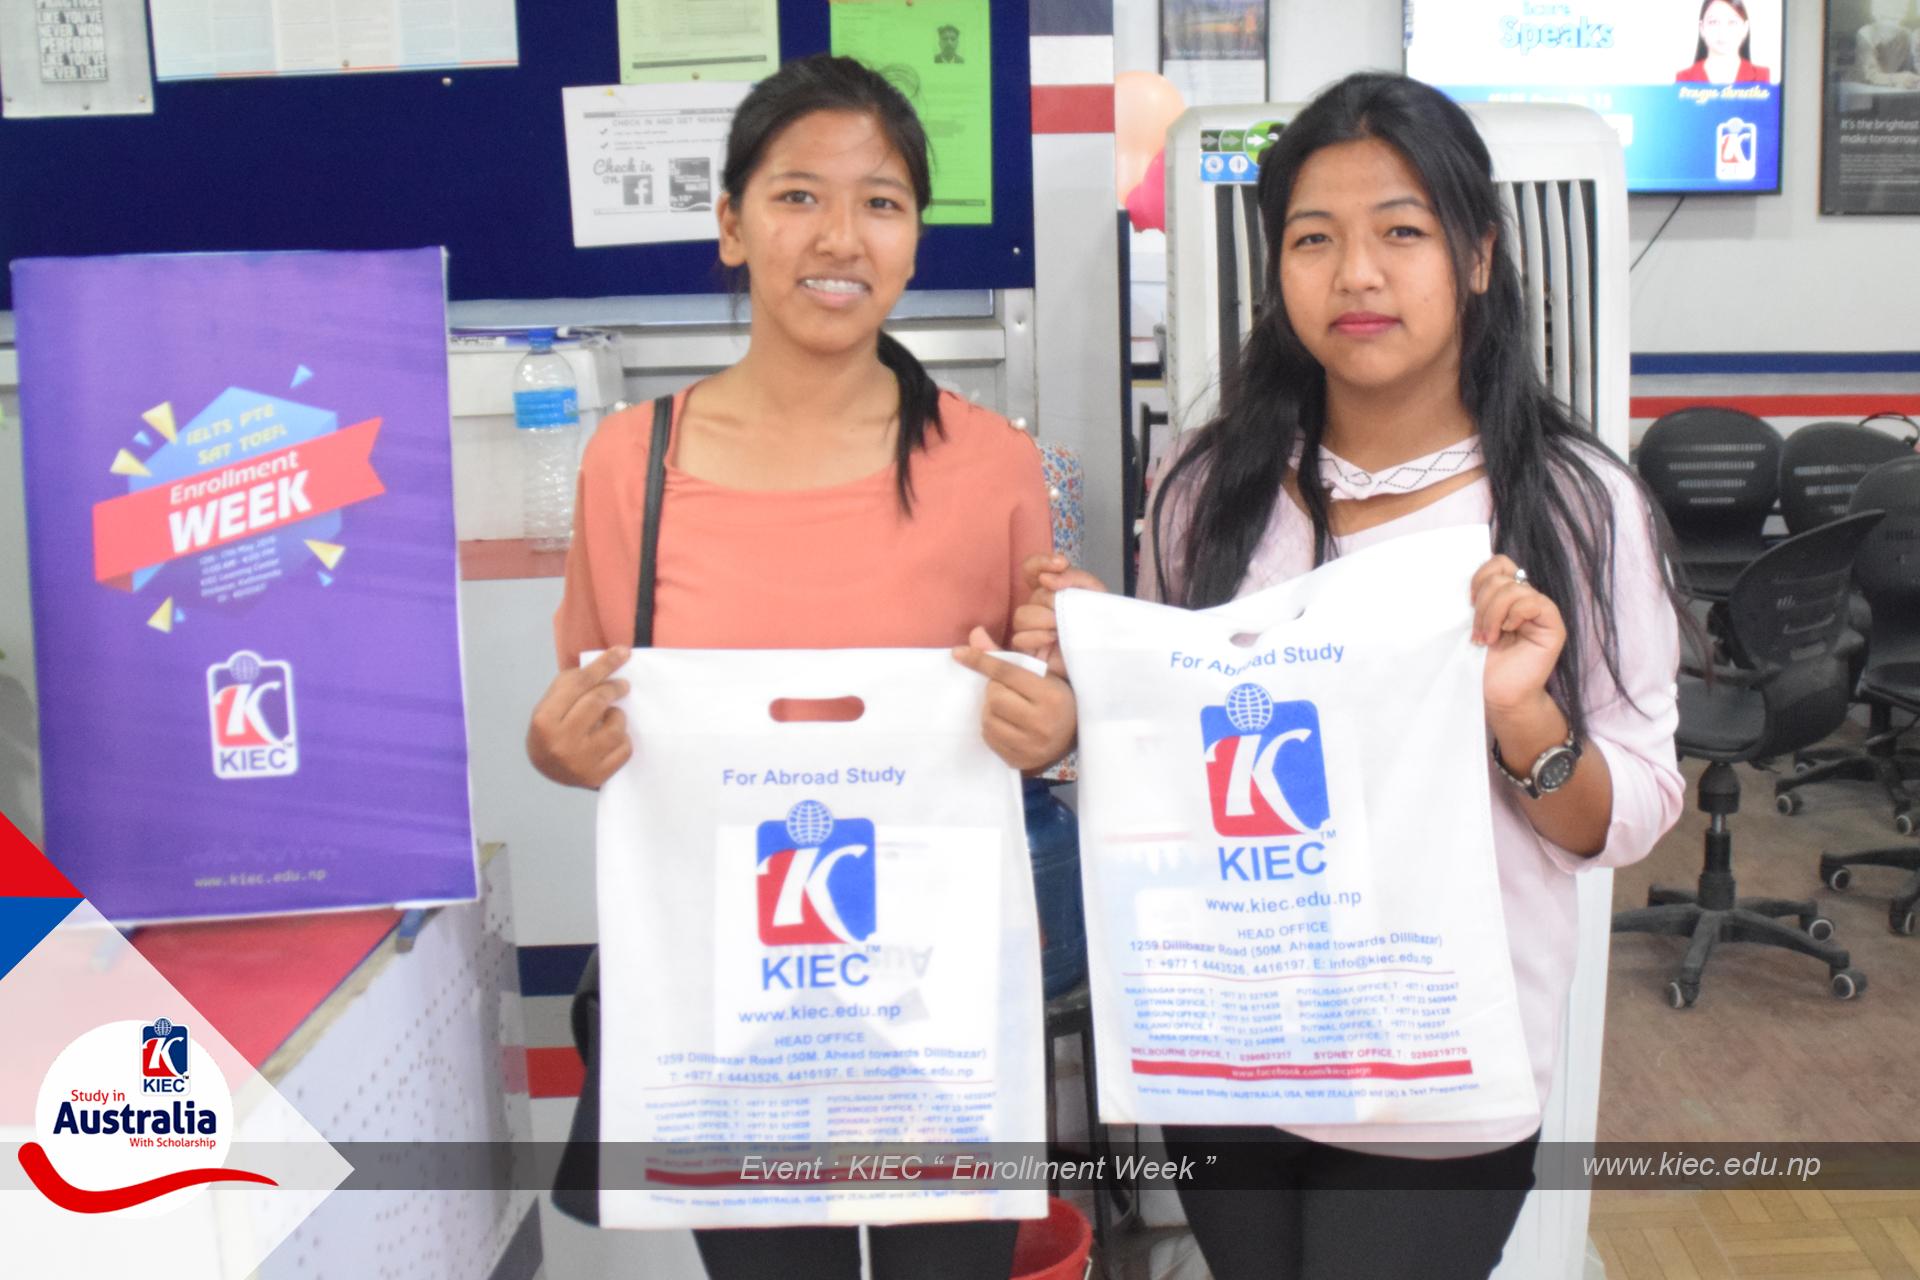 KIEC MD Rajendra Rijal distributing brochure to Students